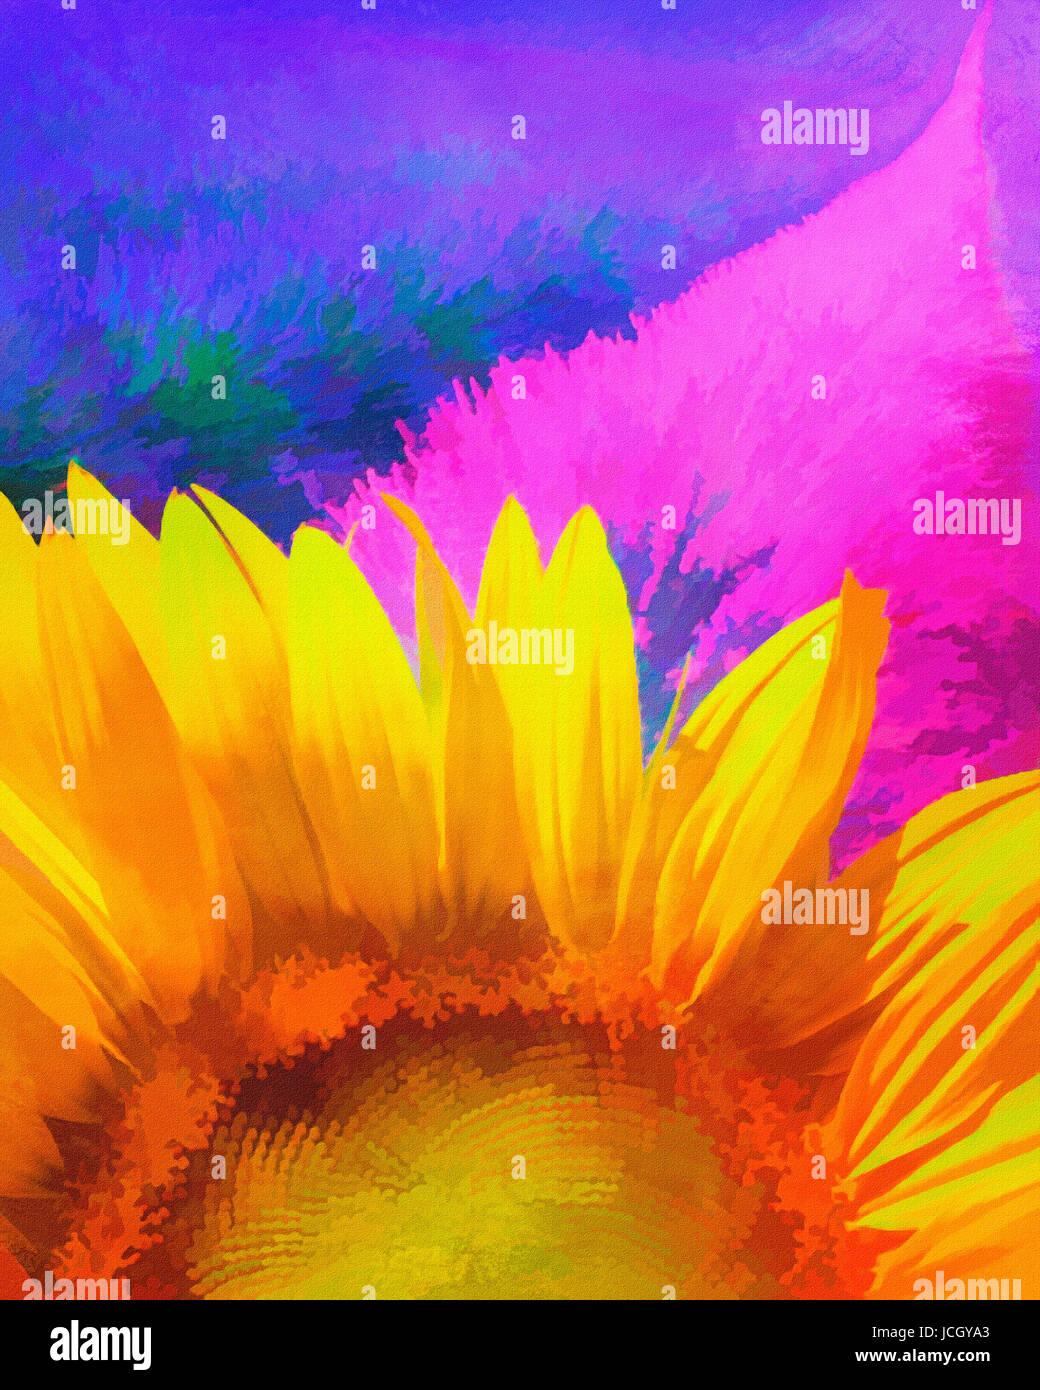 Peinture numérique: Lavande et tournesol Photo Stock